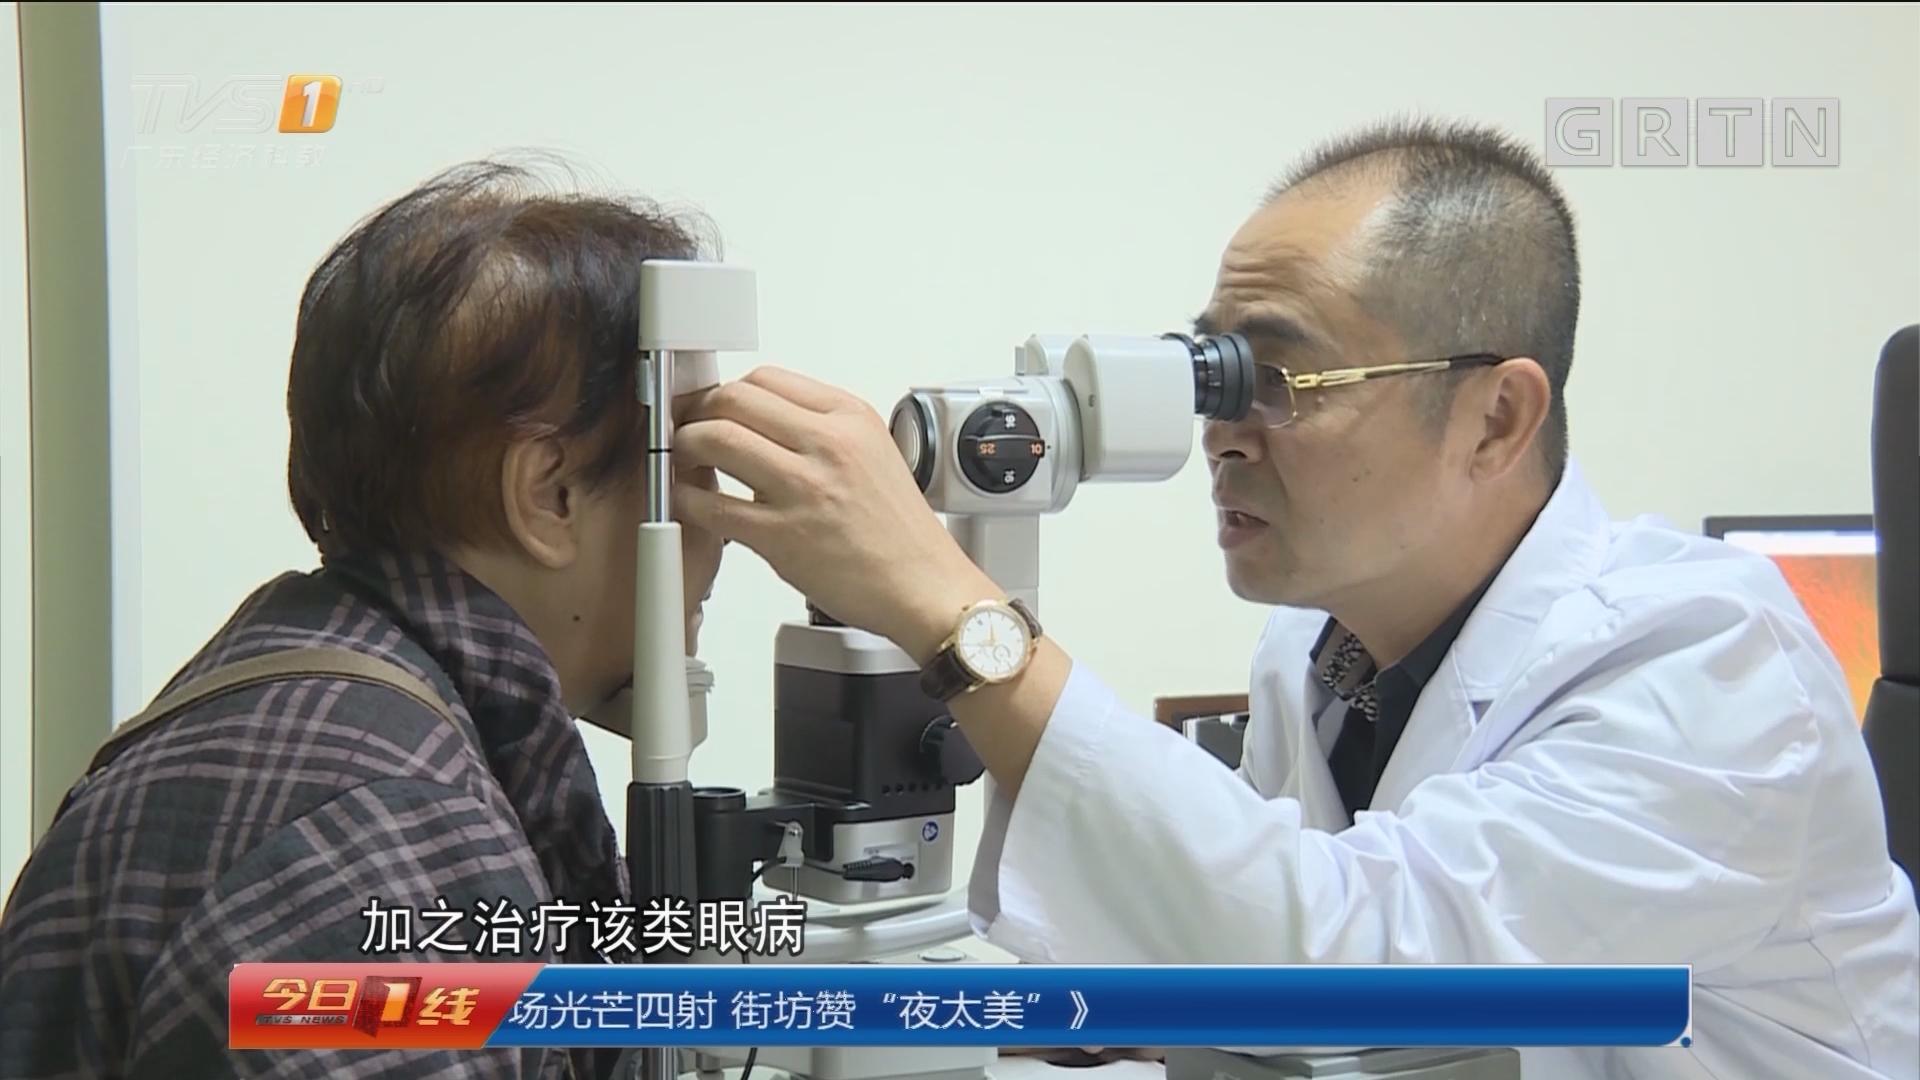 重阳关注老年人健康:眼底病公益救助 为贫困老人治眼疾